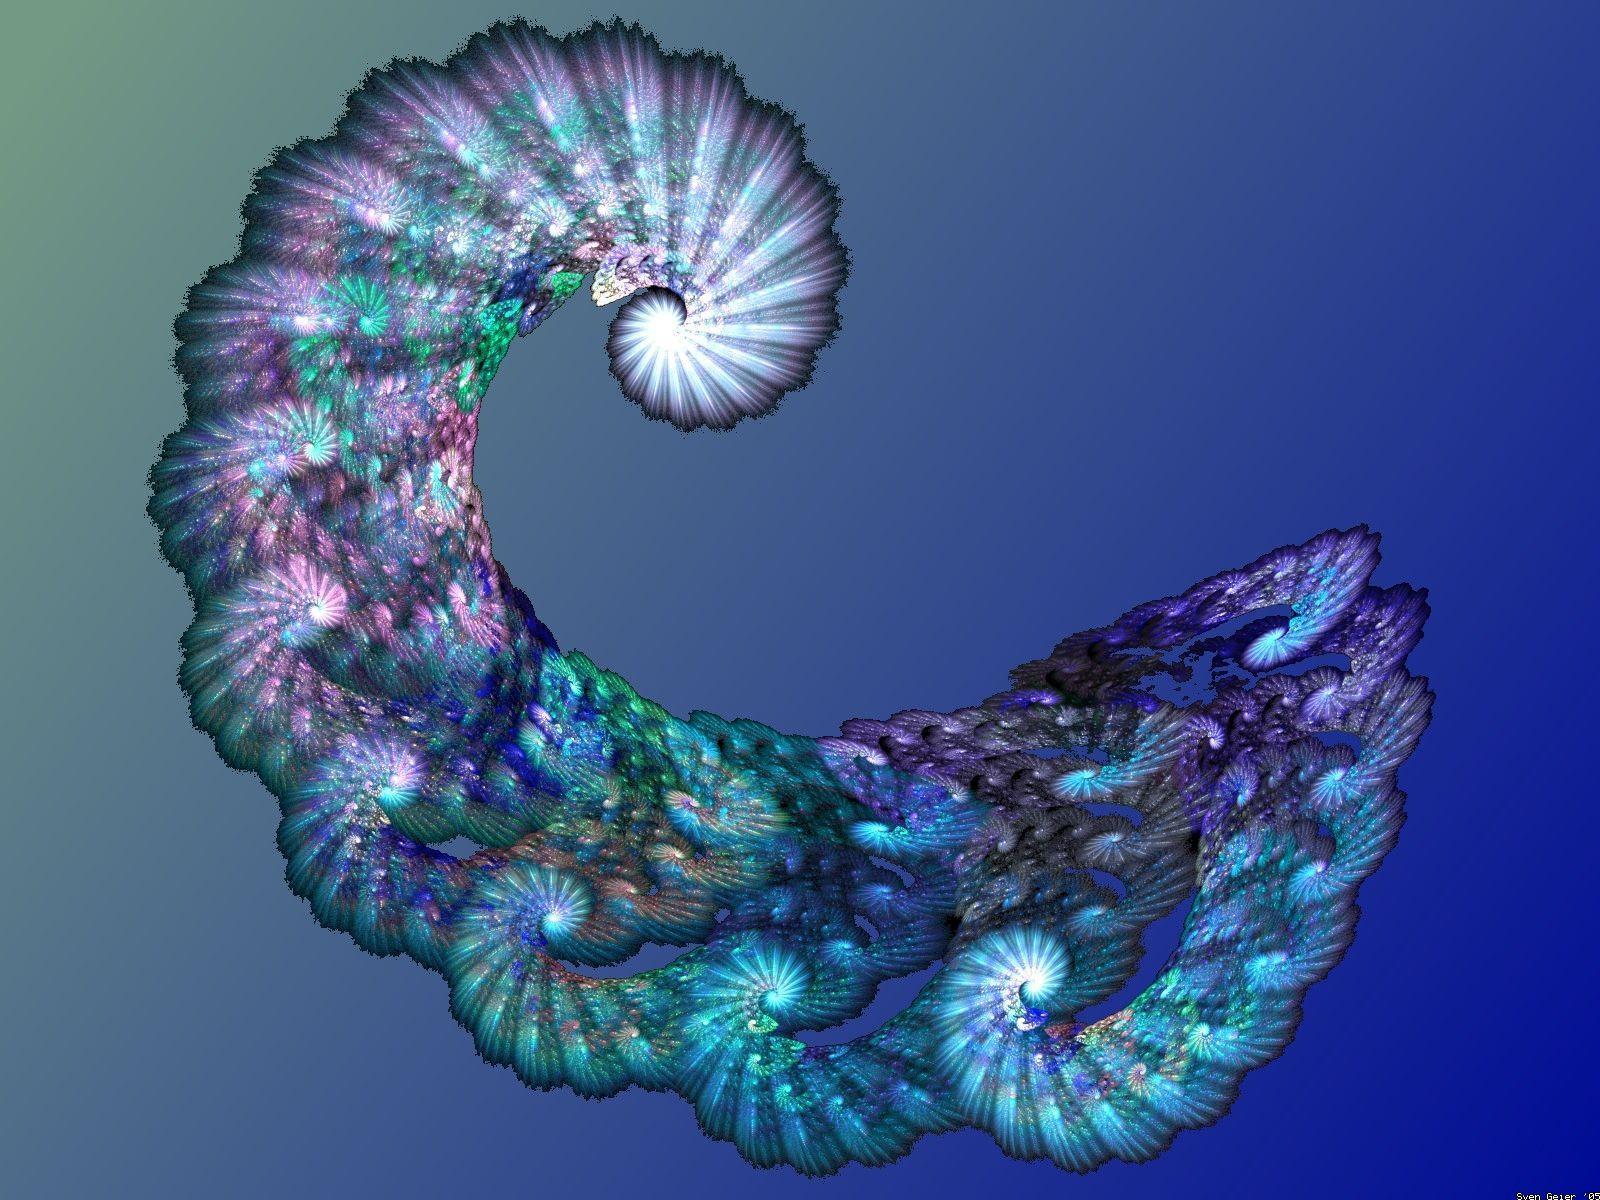 Spiral 2.jpg (1600×1200)